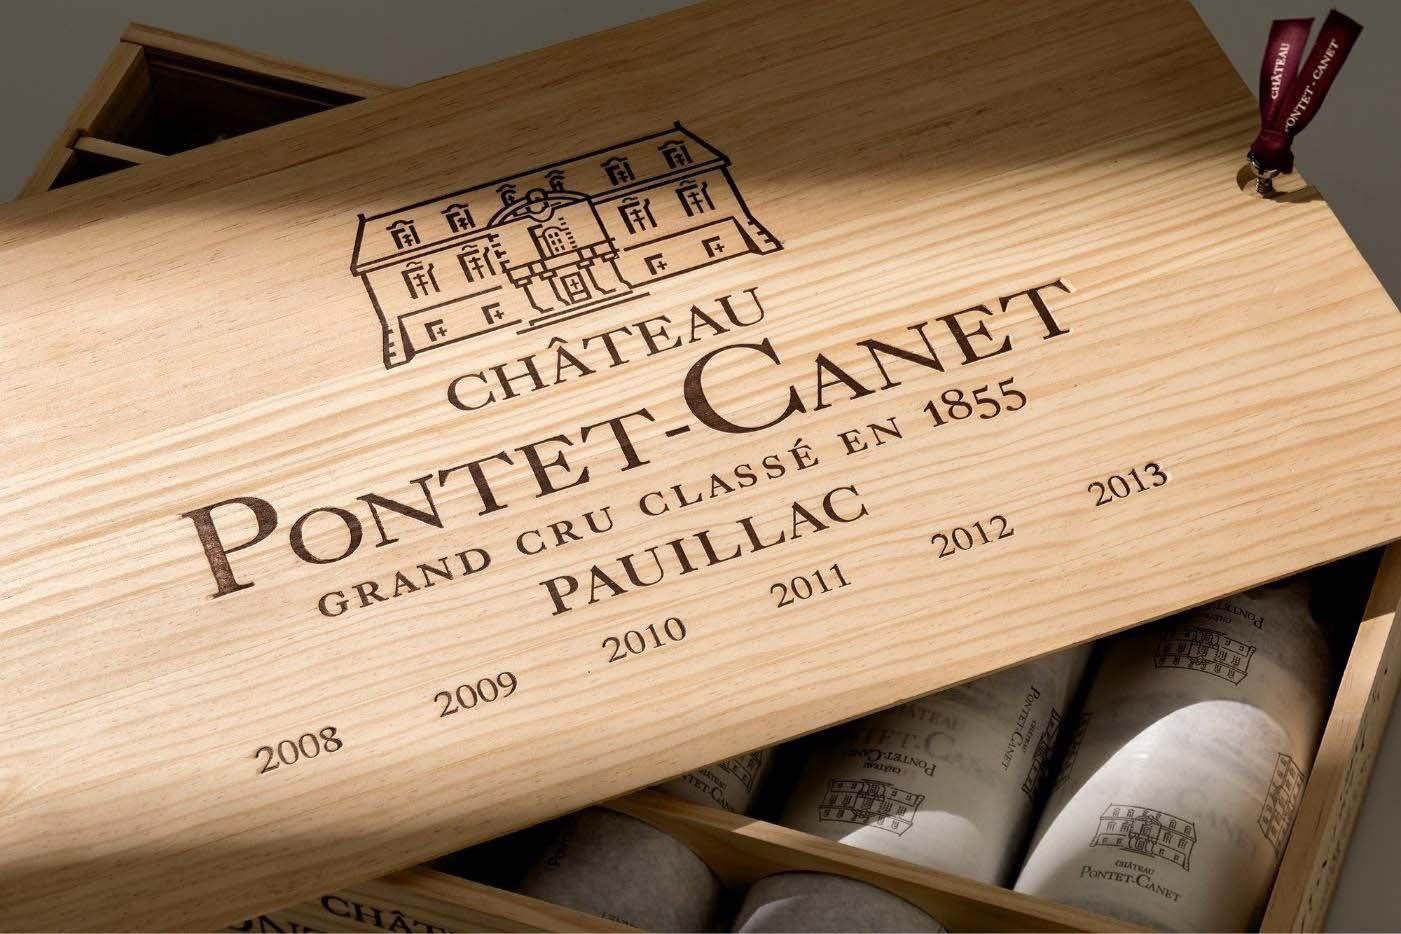 Caisse Pontet-Canet